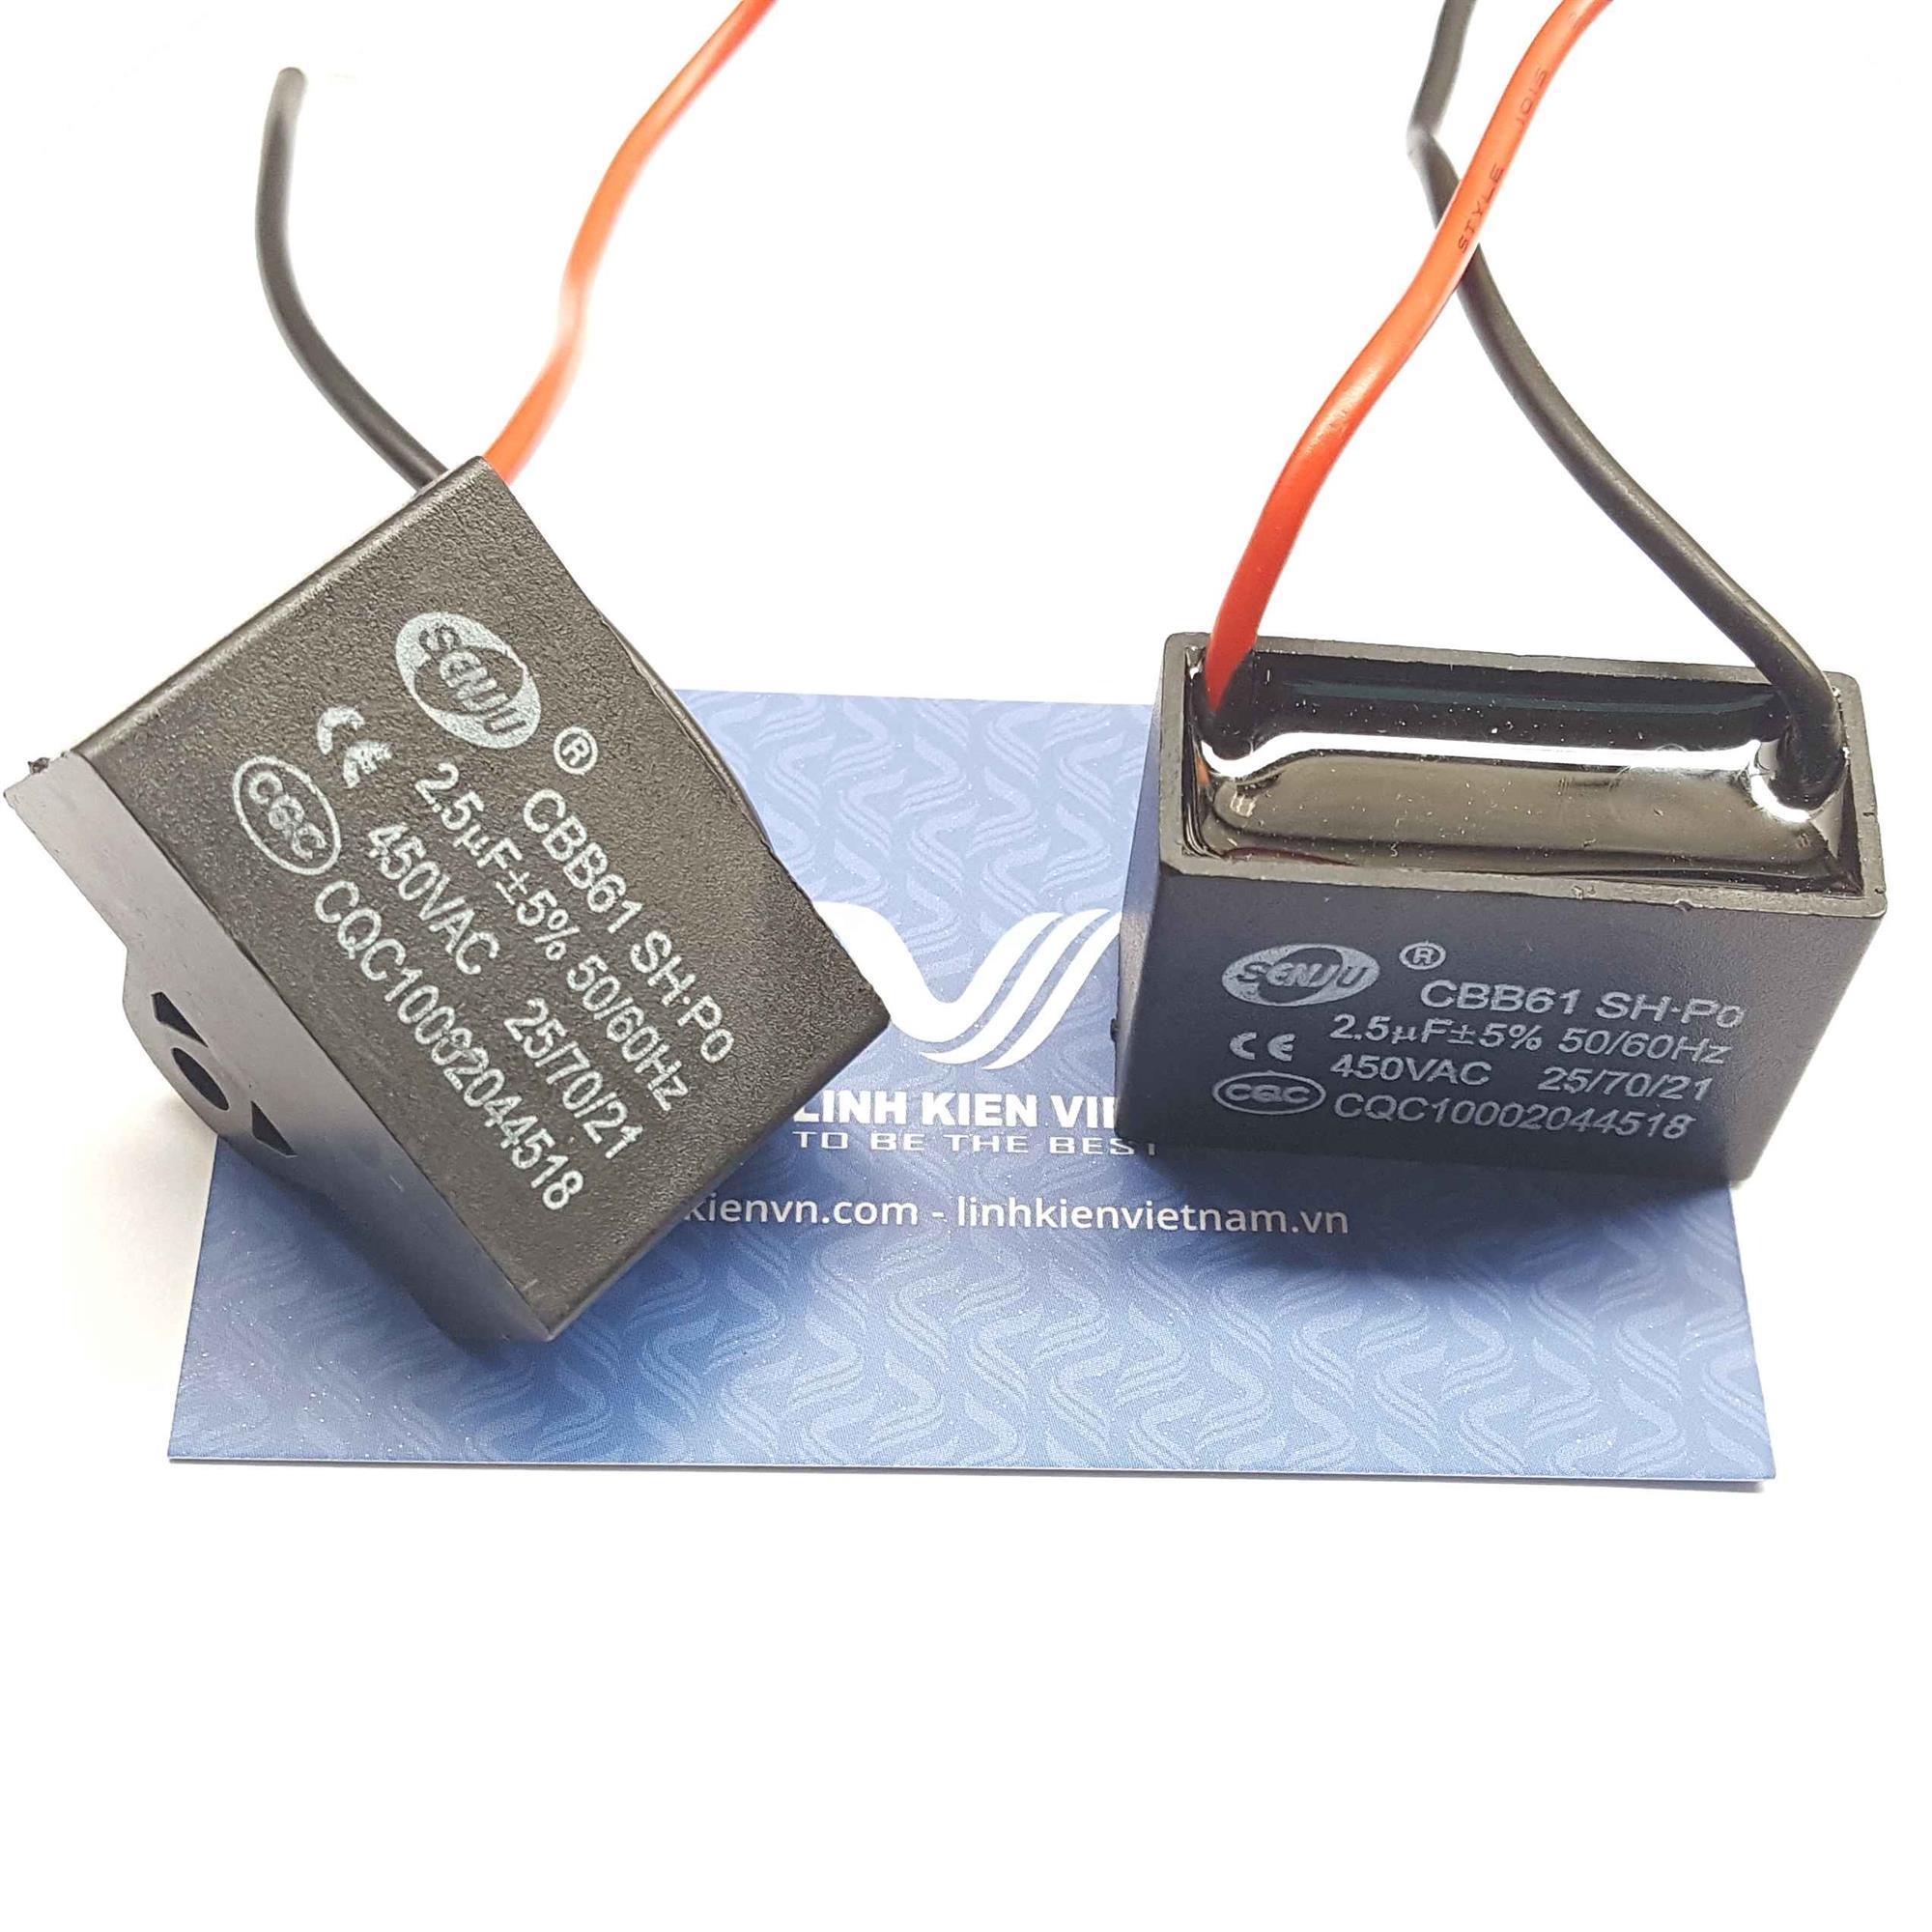 Tụ 2.5uF/450VAC Tụ quạt 2.5uF/450V - C2H14